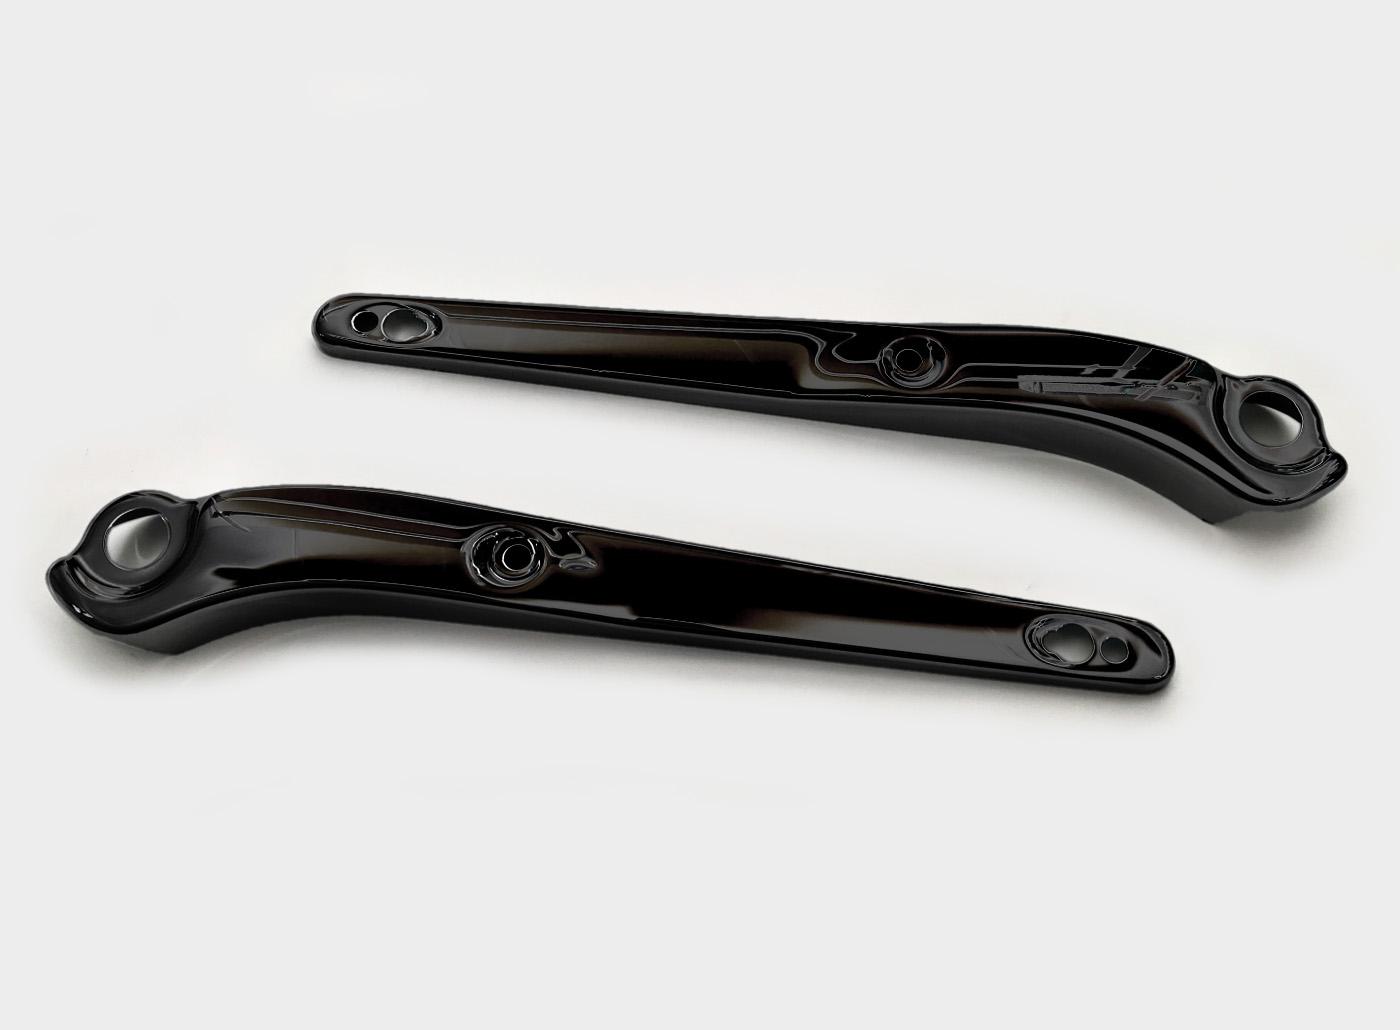 Fenderstrutscover schwarz beschichtet Fat Bob® FXDF/SE CVO ab 2008 pr.